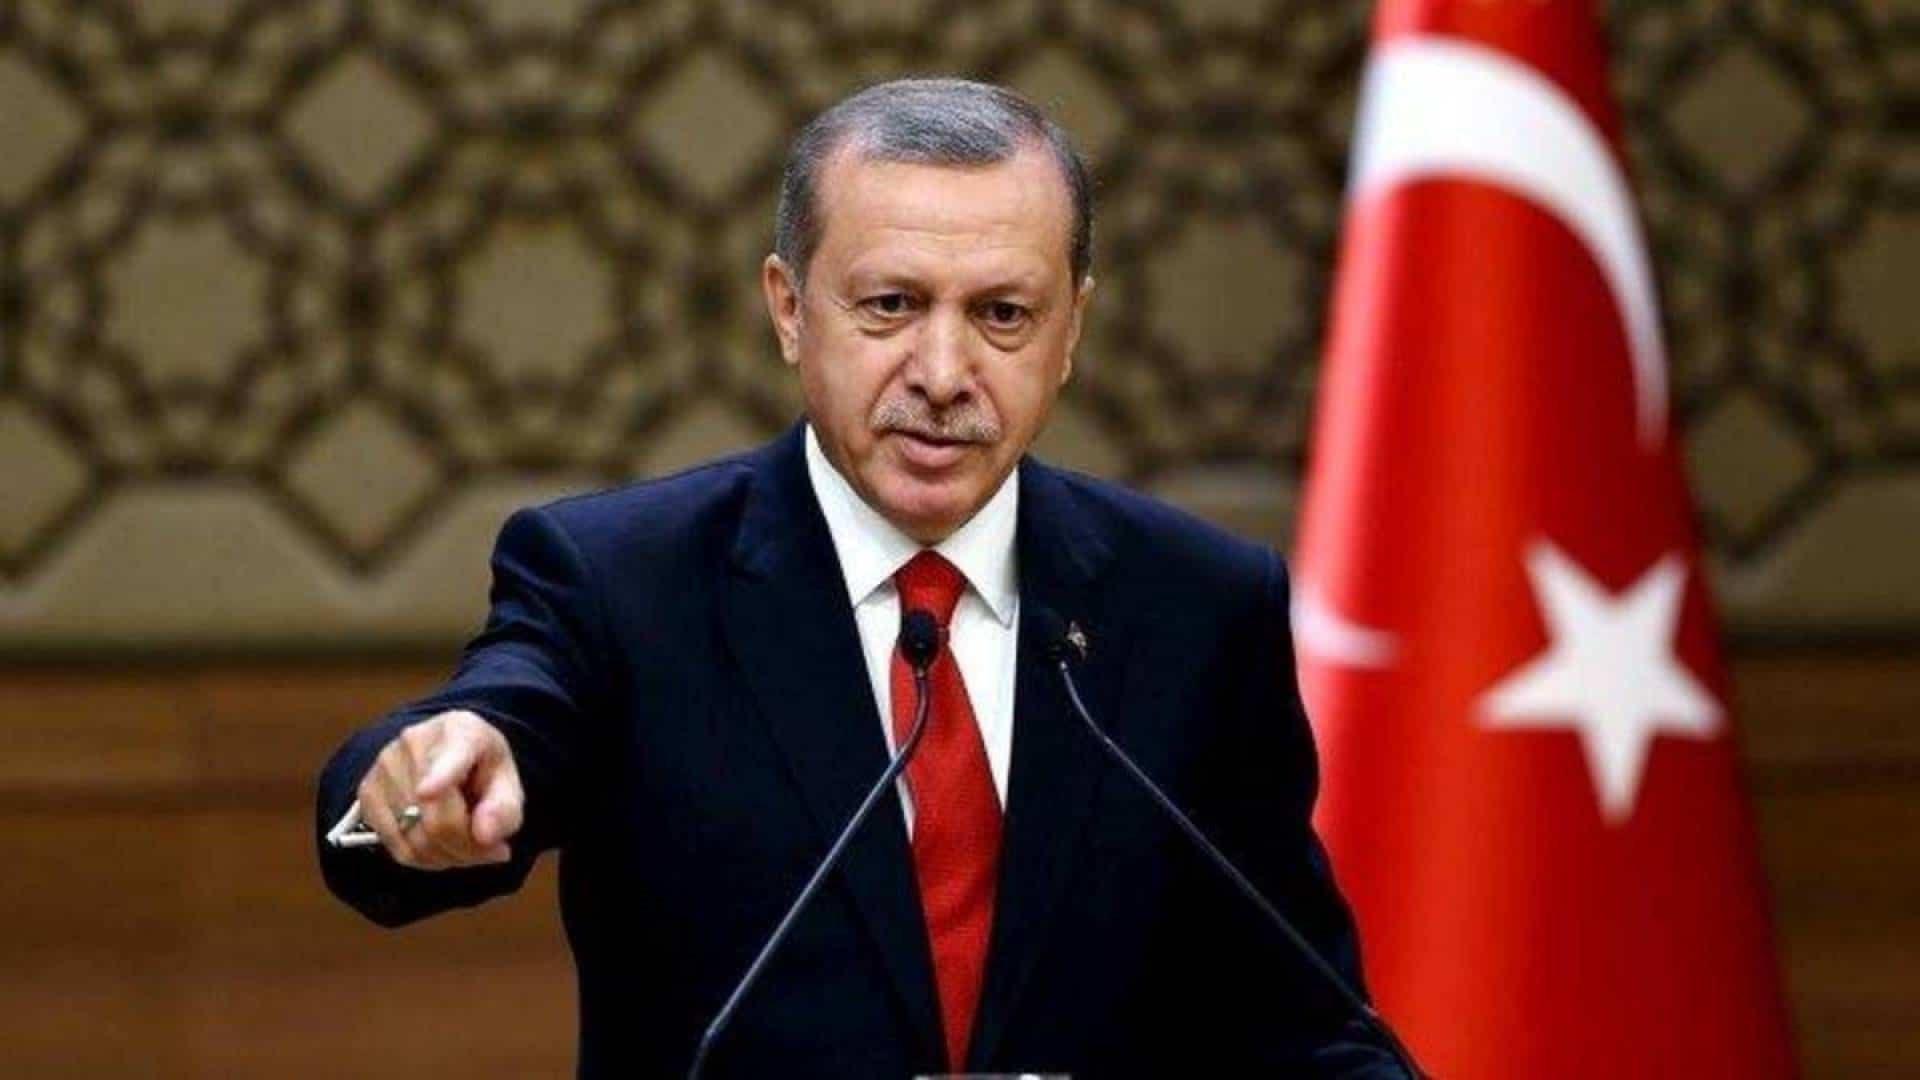 من الصّعب بمكان تقييم موقع تركيا بمعزل عن حاكمها وفصلها عن شخصه